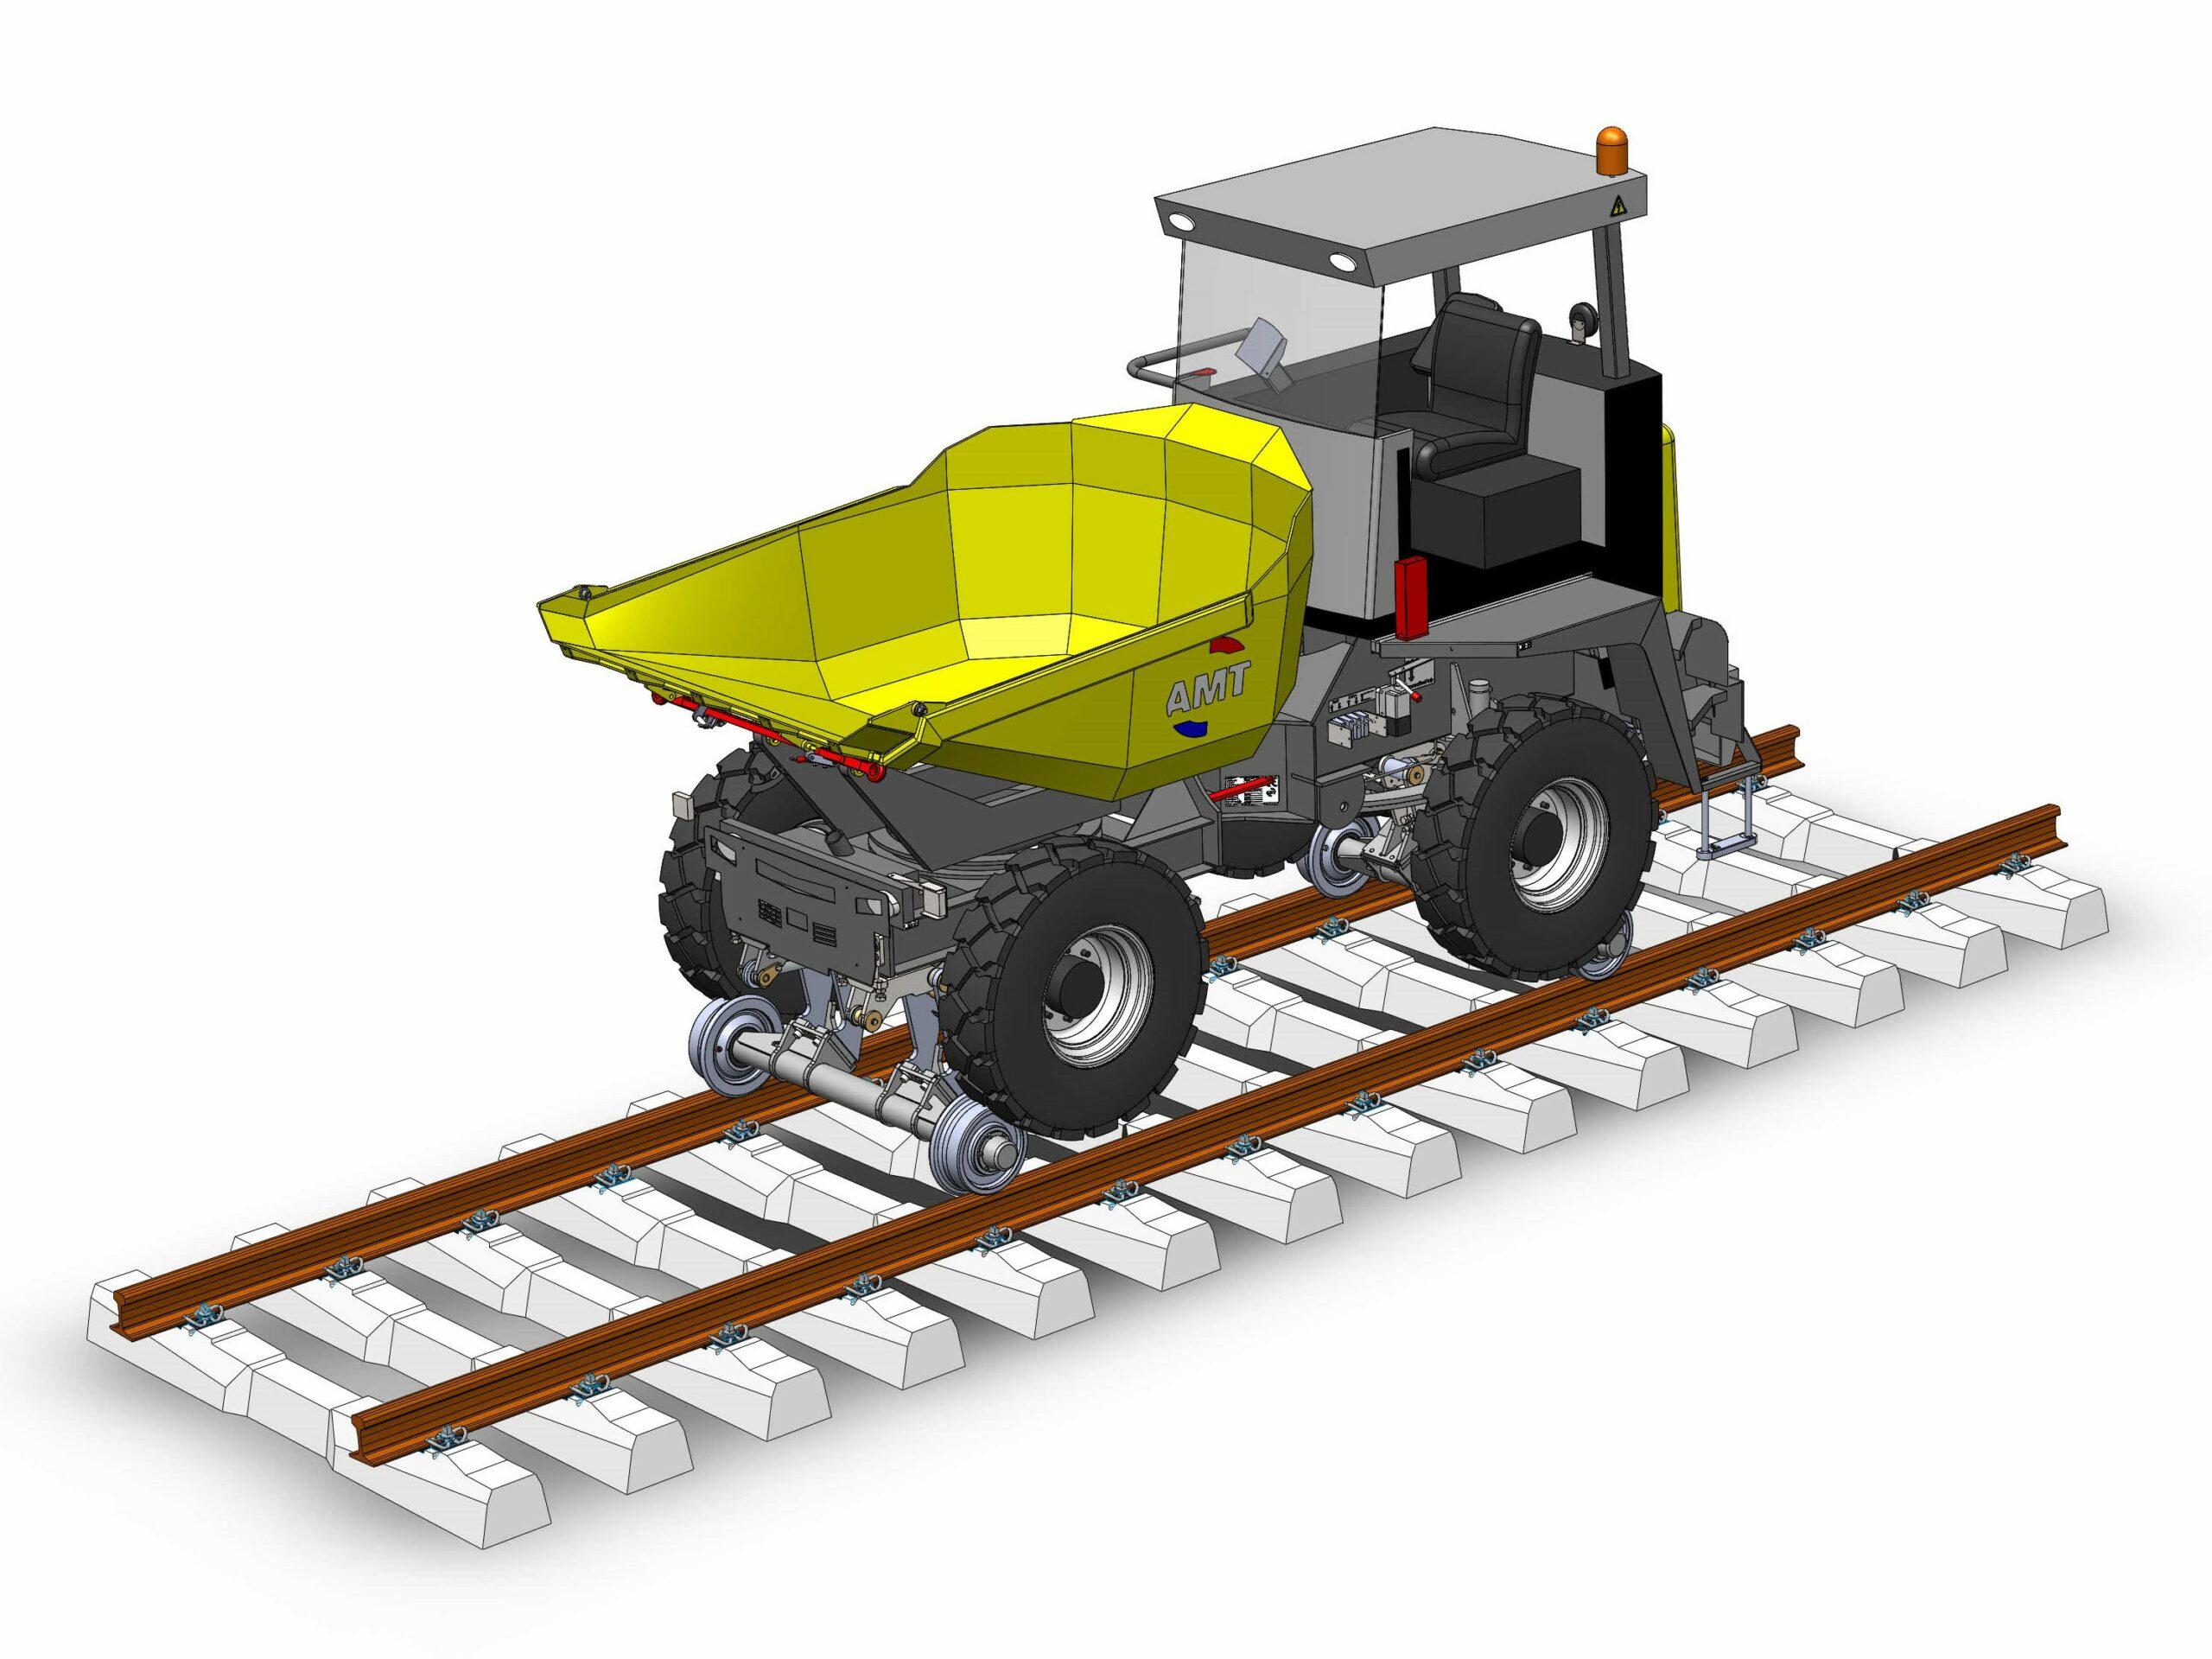 Rail dumper